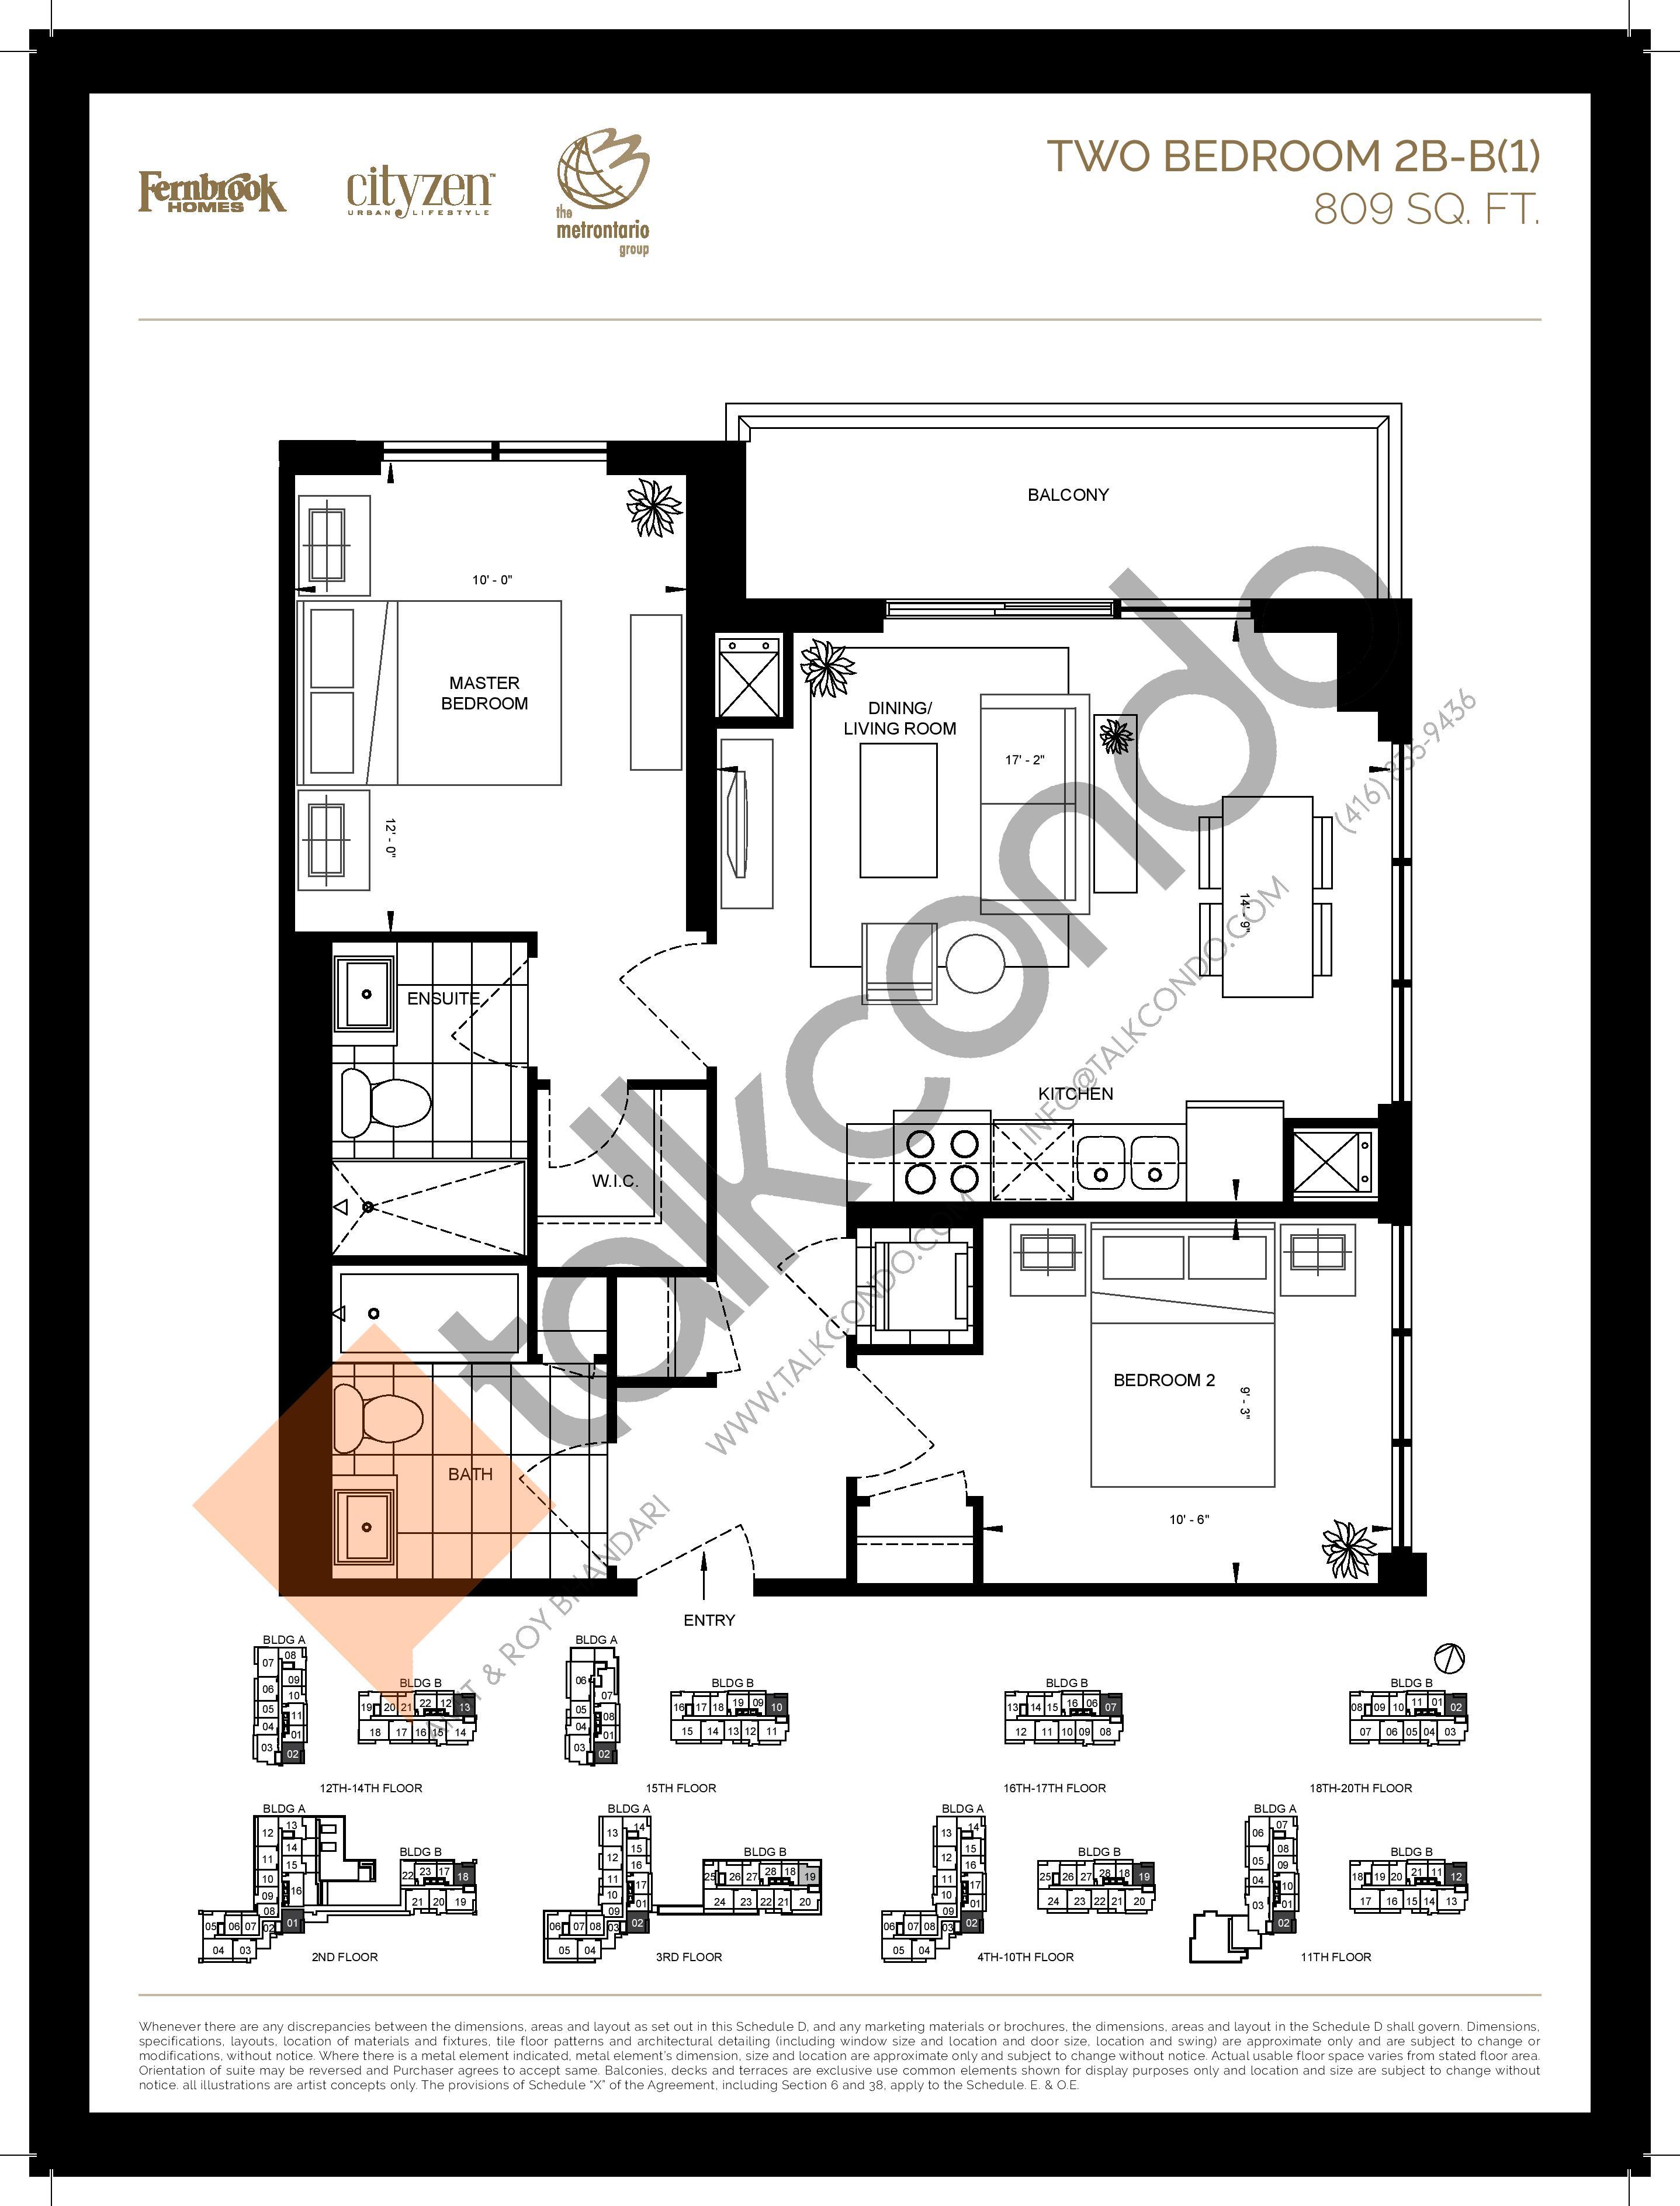 2B-B(1) Floor Plan at D'or Condos - 809 sq.ft